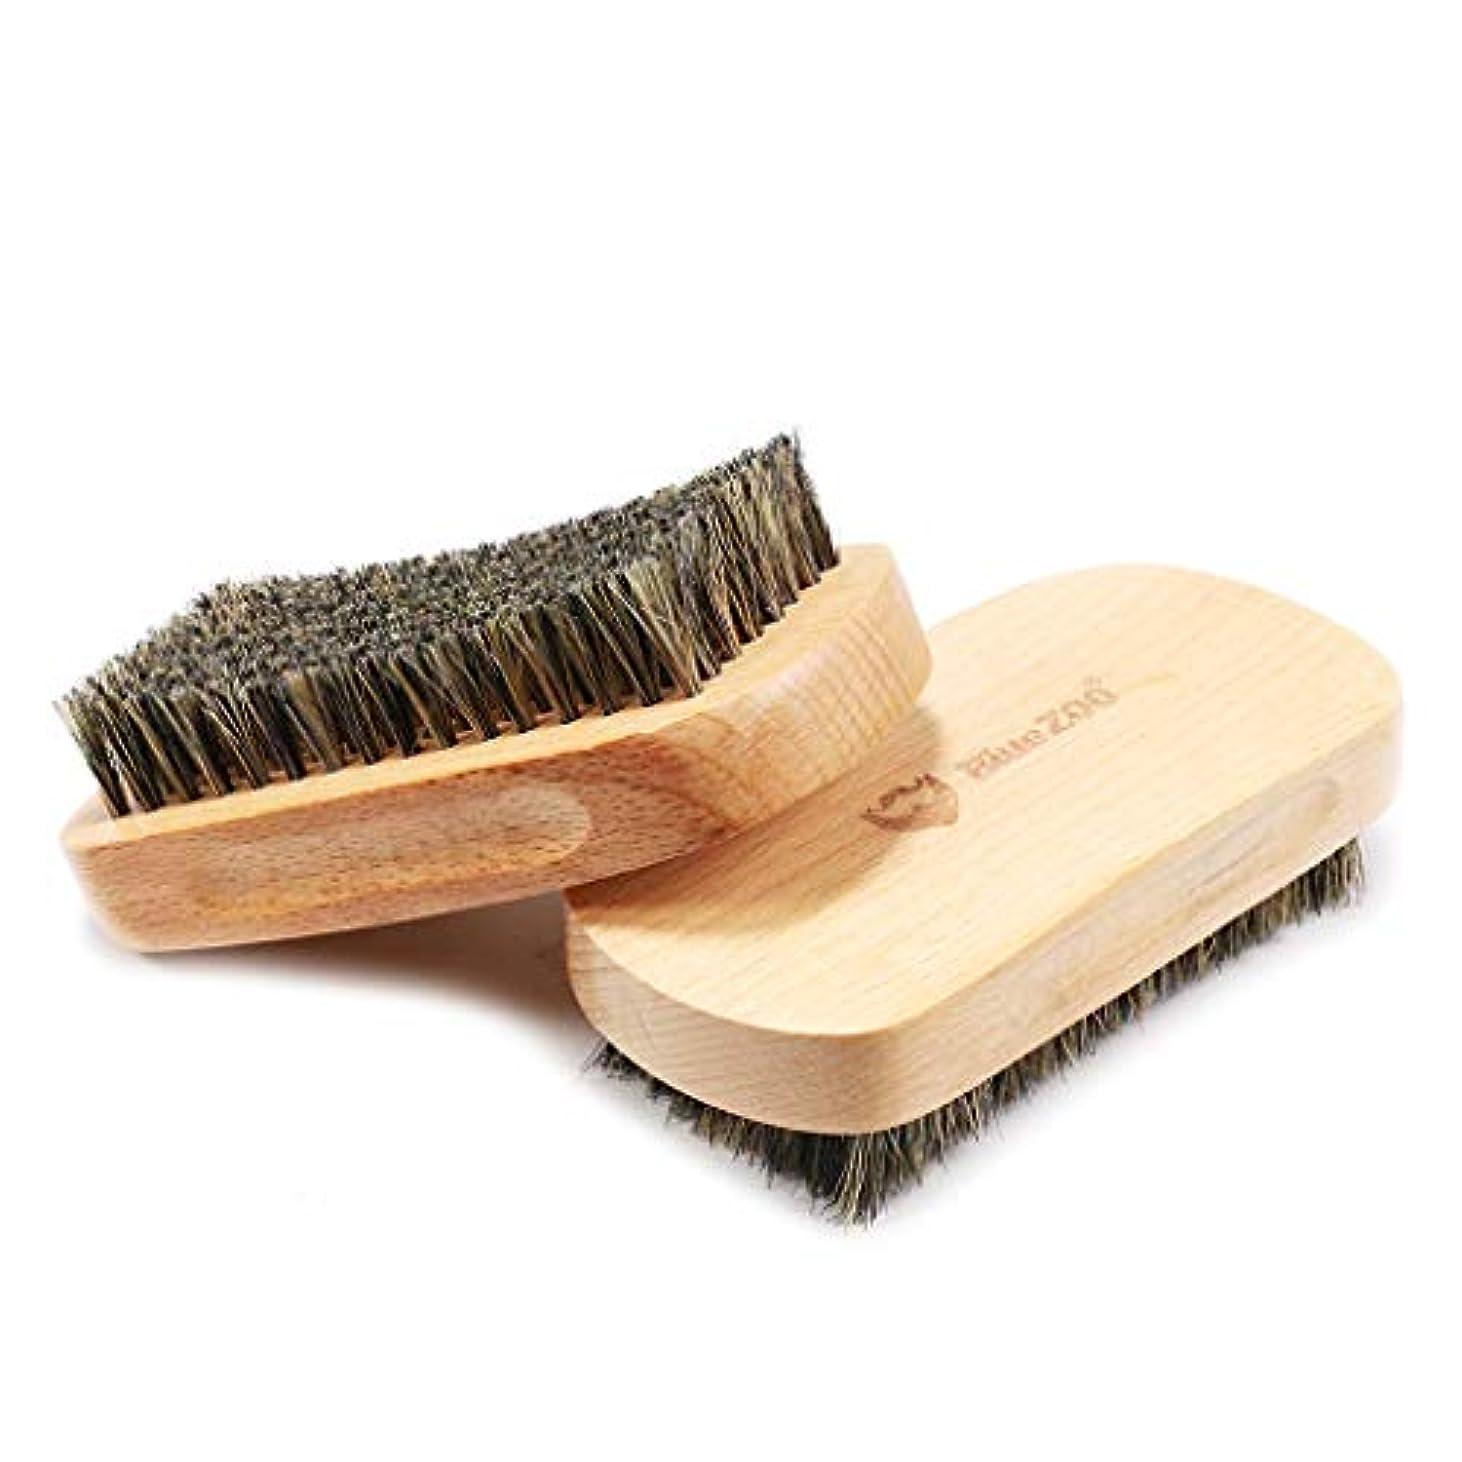 下手ボウルどこにもひげブラシ シェービングブラシ メンズ 毛髭ブラシ ひげ剃り 硬い剛毛 理容 洗顔 髭剃り